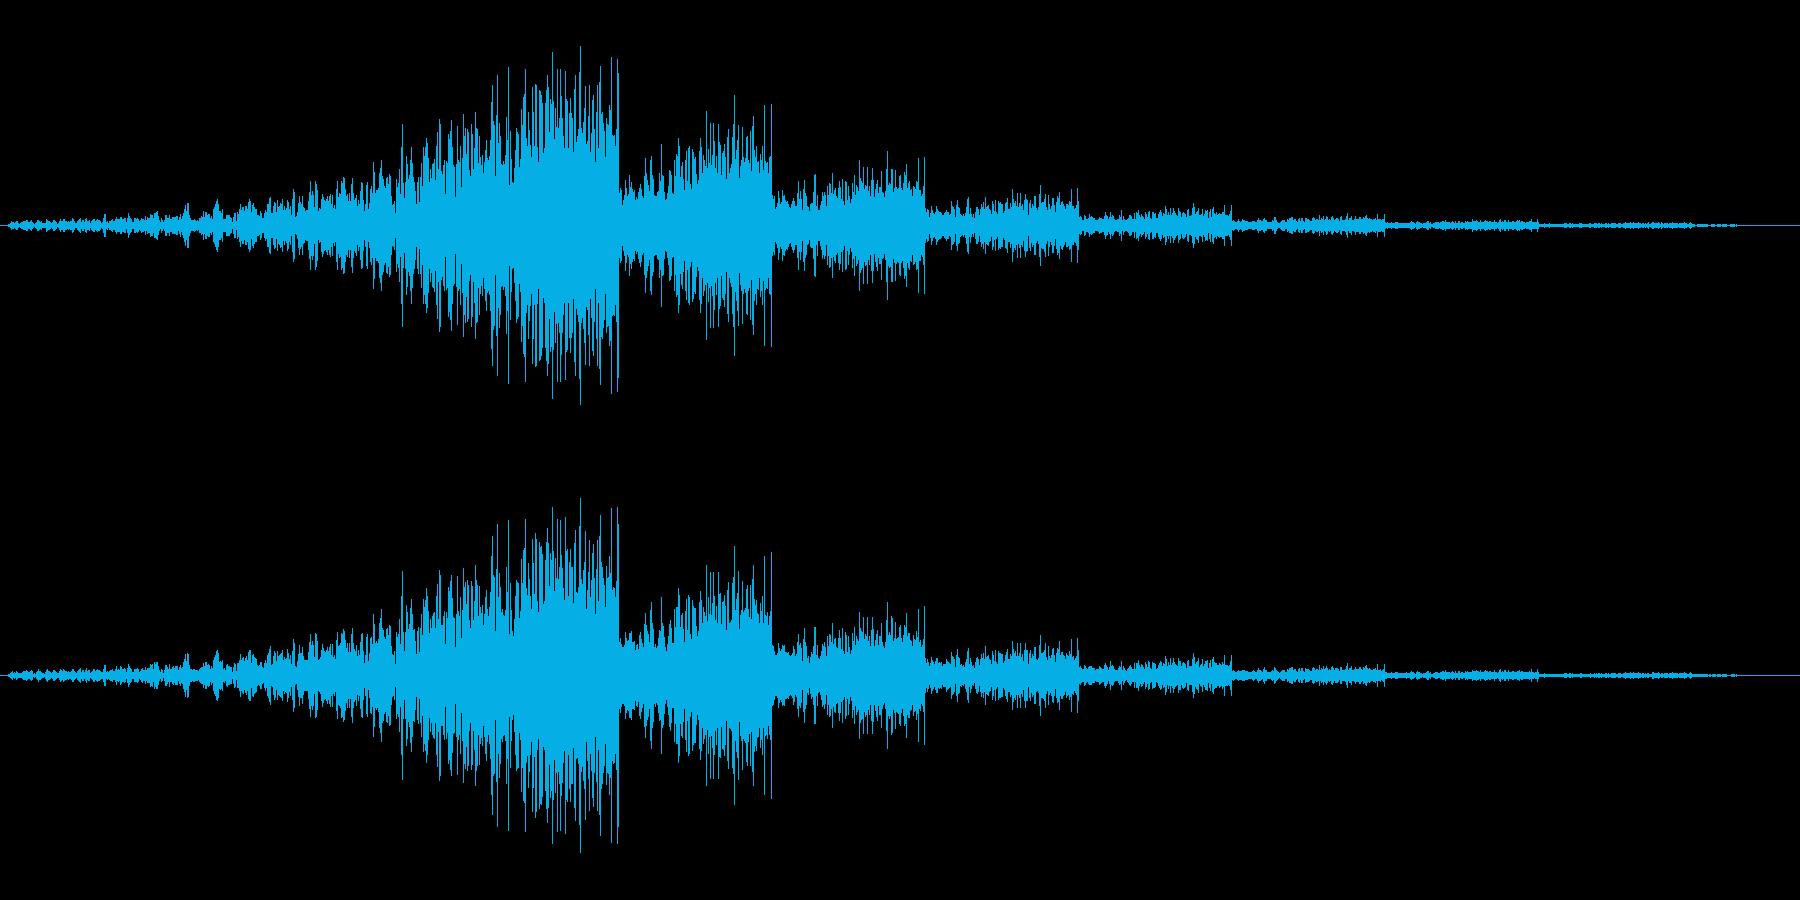 シューウワンワンワン…【余韻あり移動音】の再生済みの波形